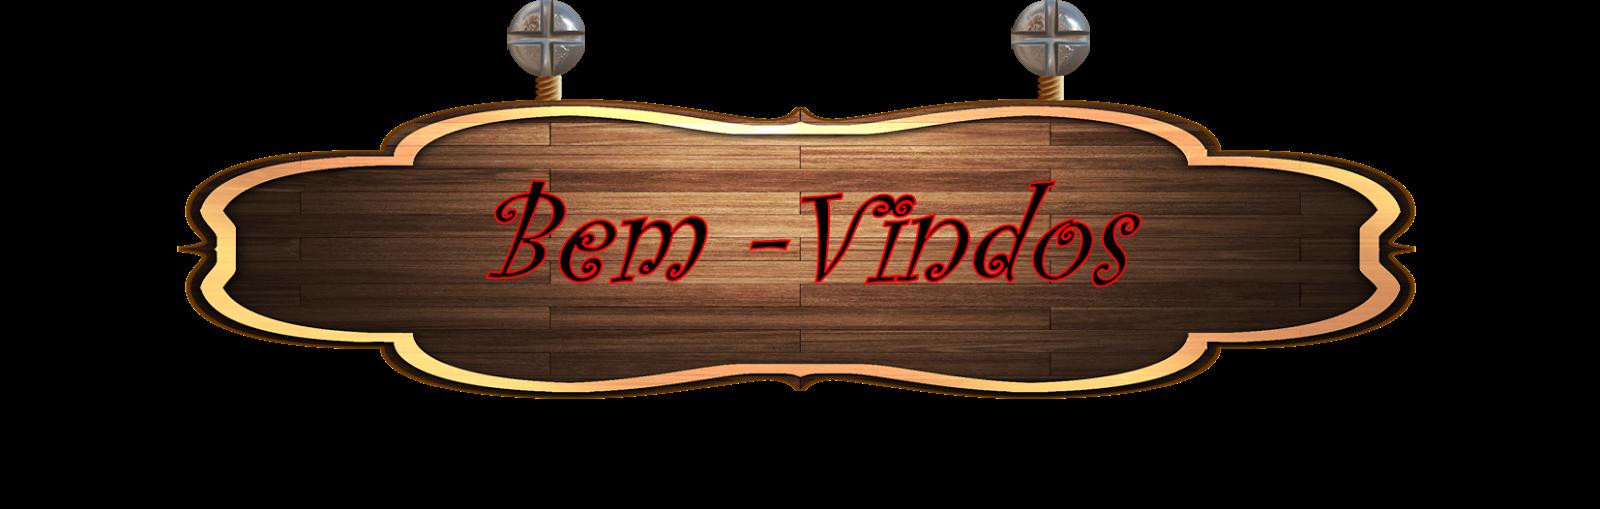 http://annesateliebemvindos.blogspot.com.br/